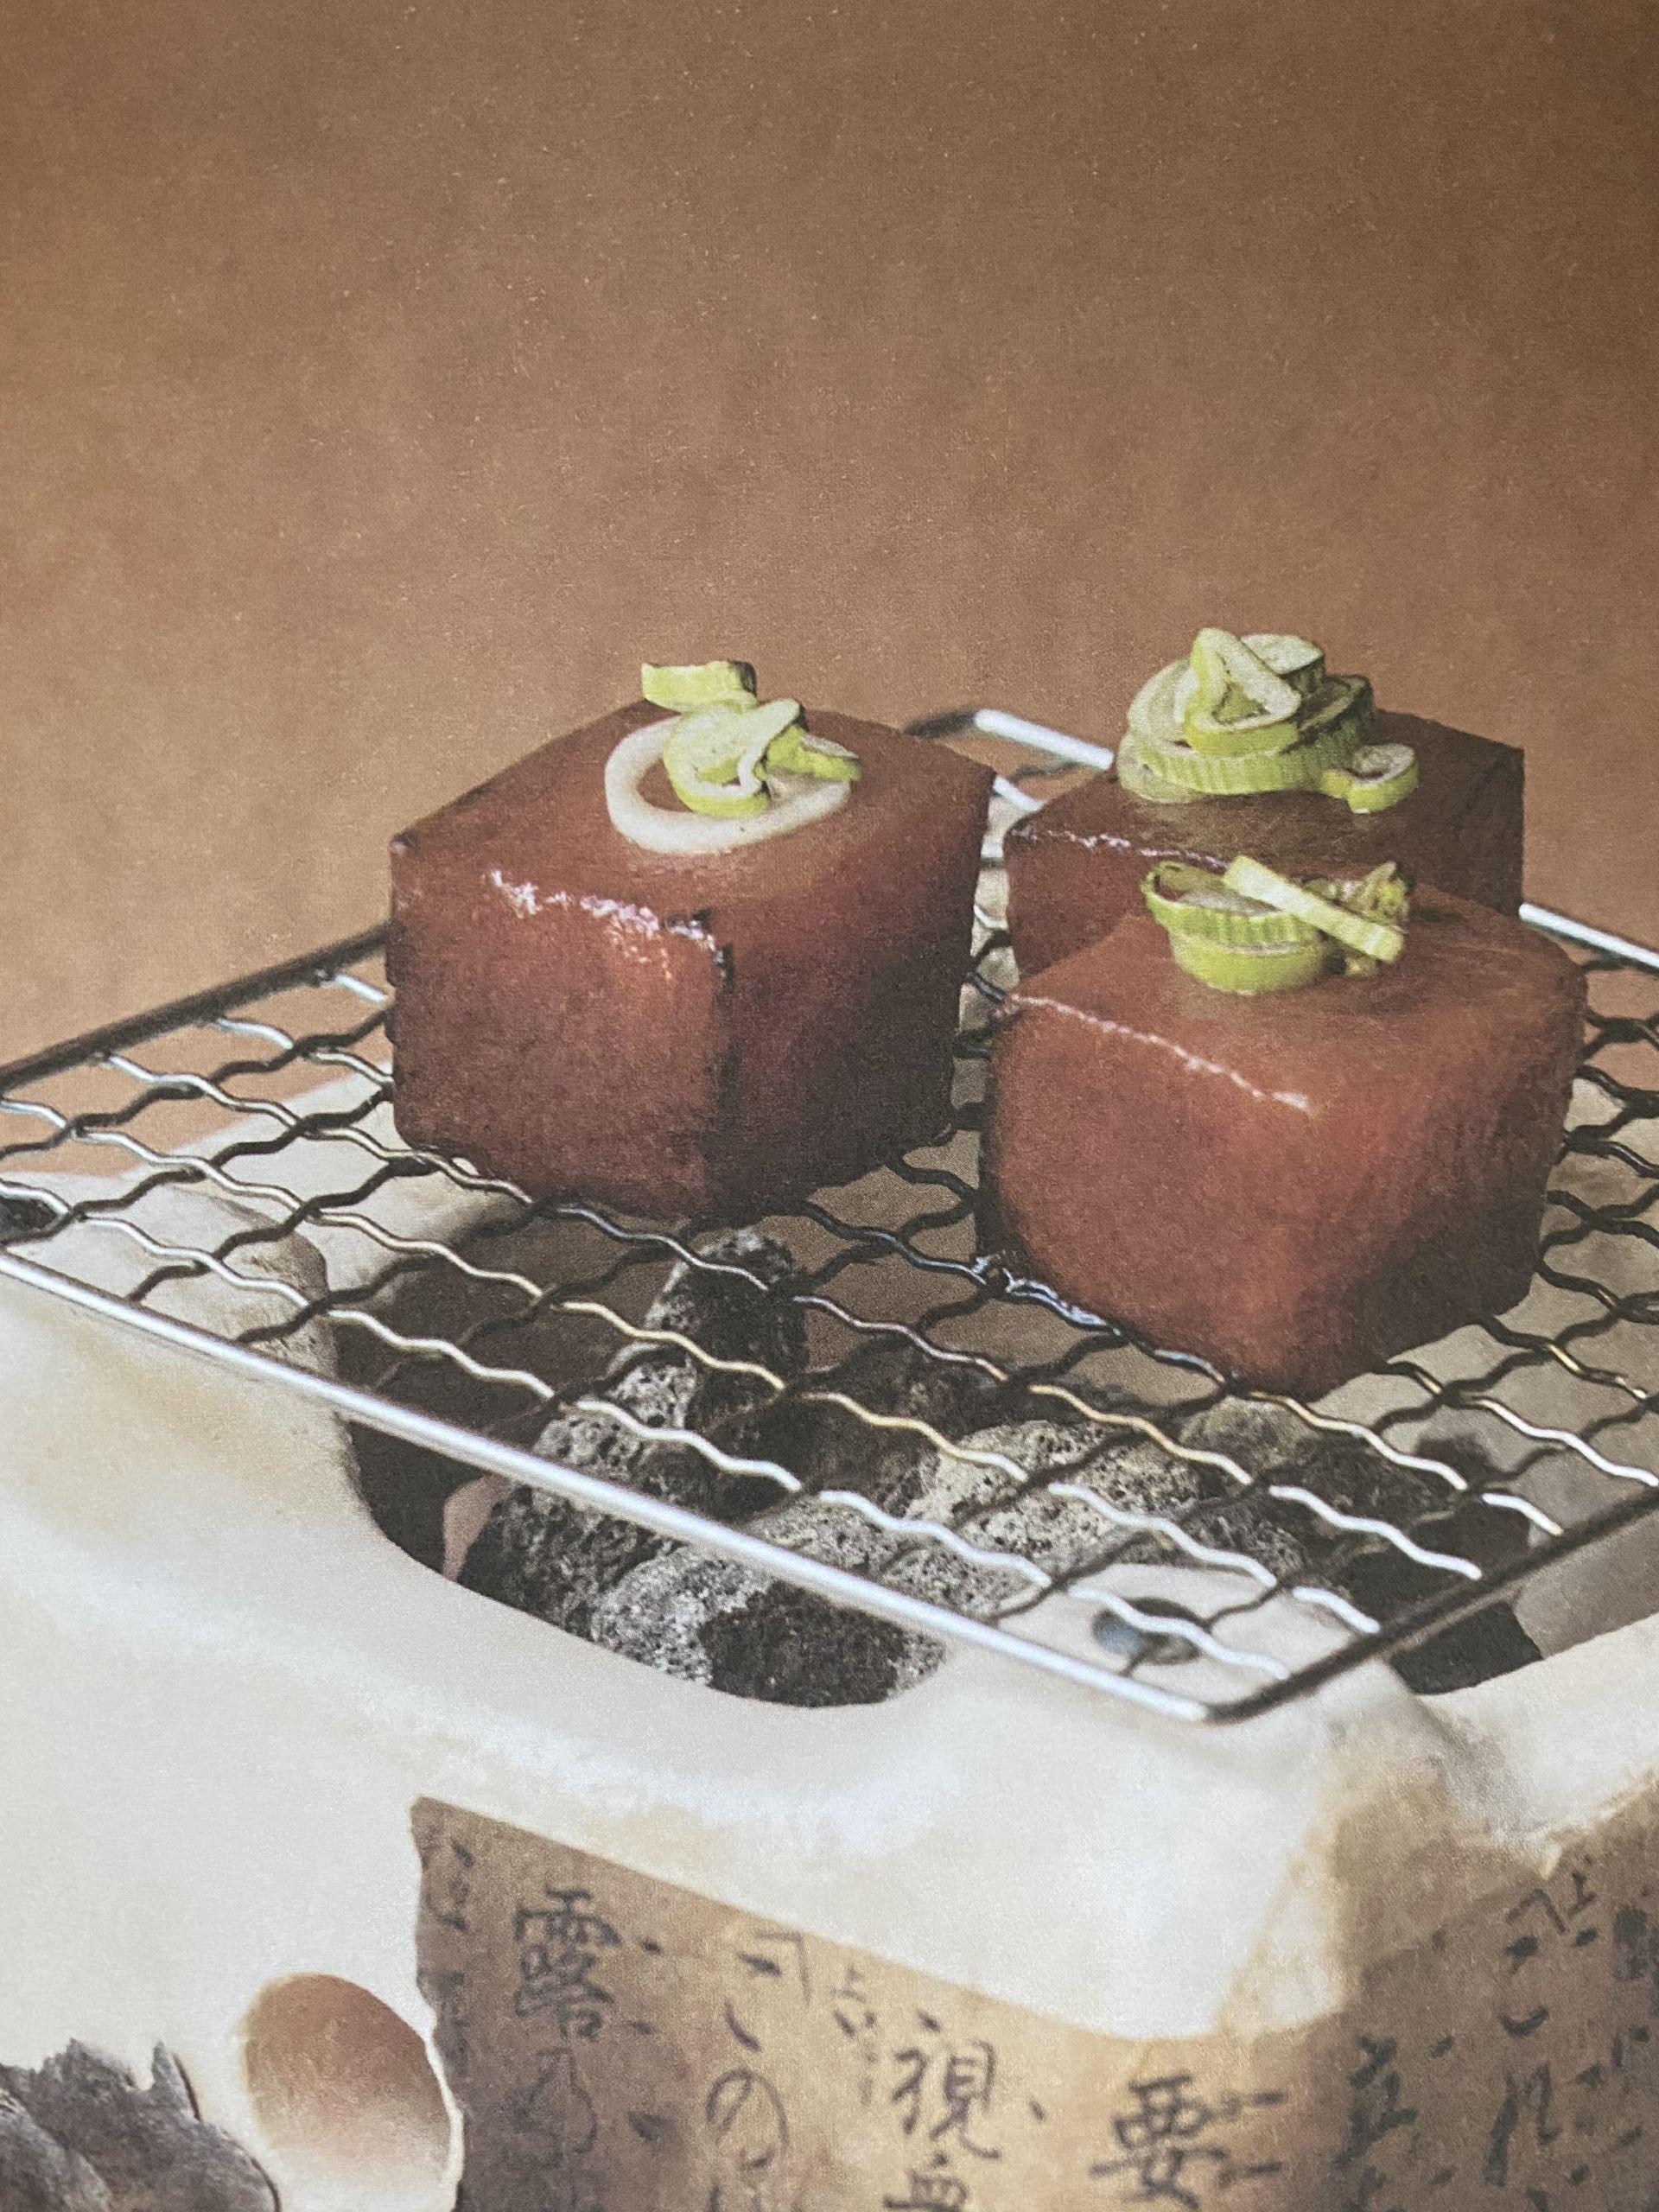 ALTATTO Cucina Vegetariana Contemporanea è il libro sulla cucina del futuro, fatta oggi - DailyFood